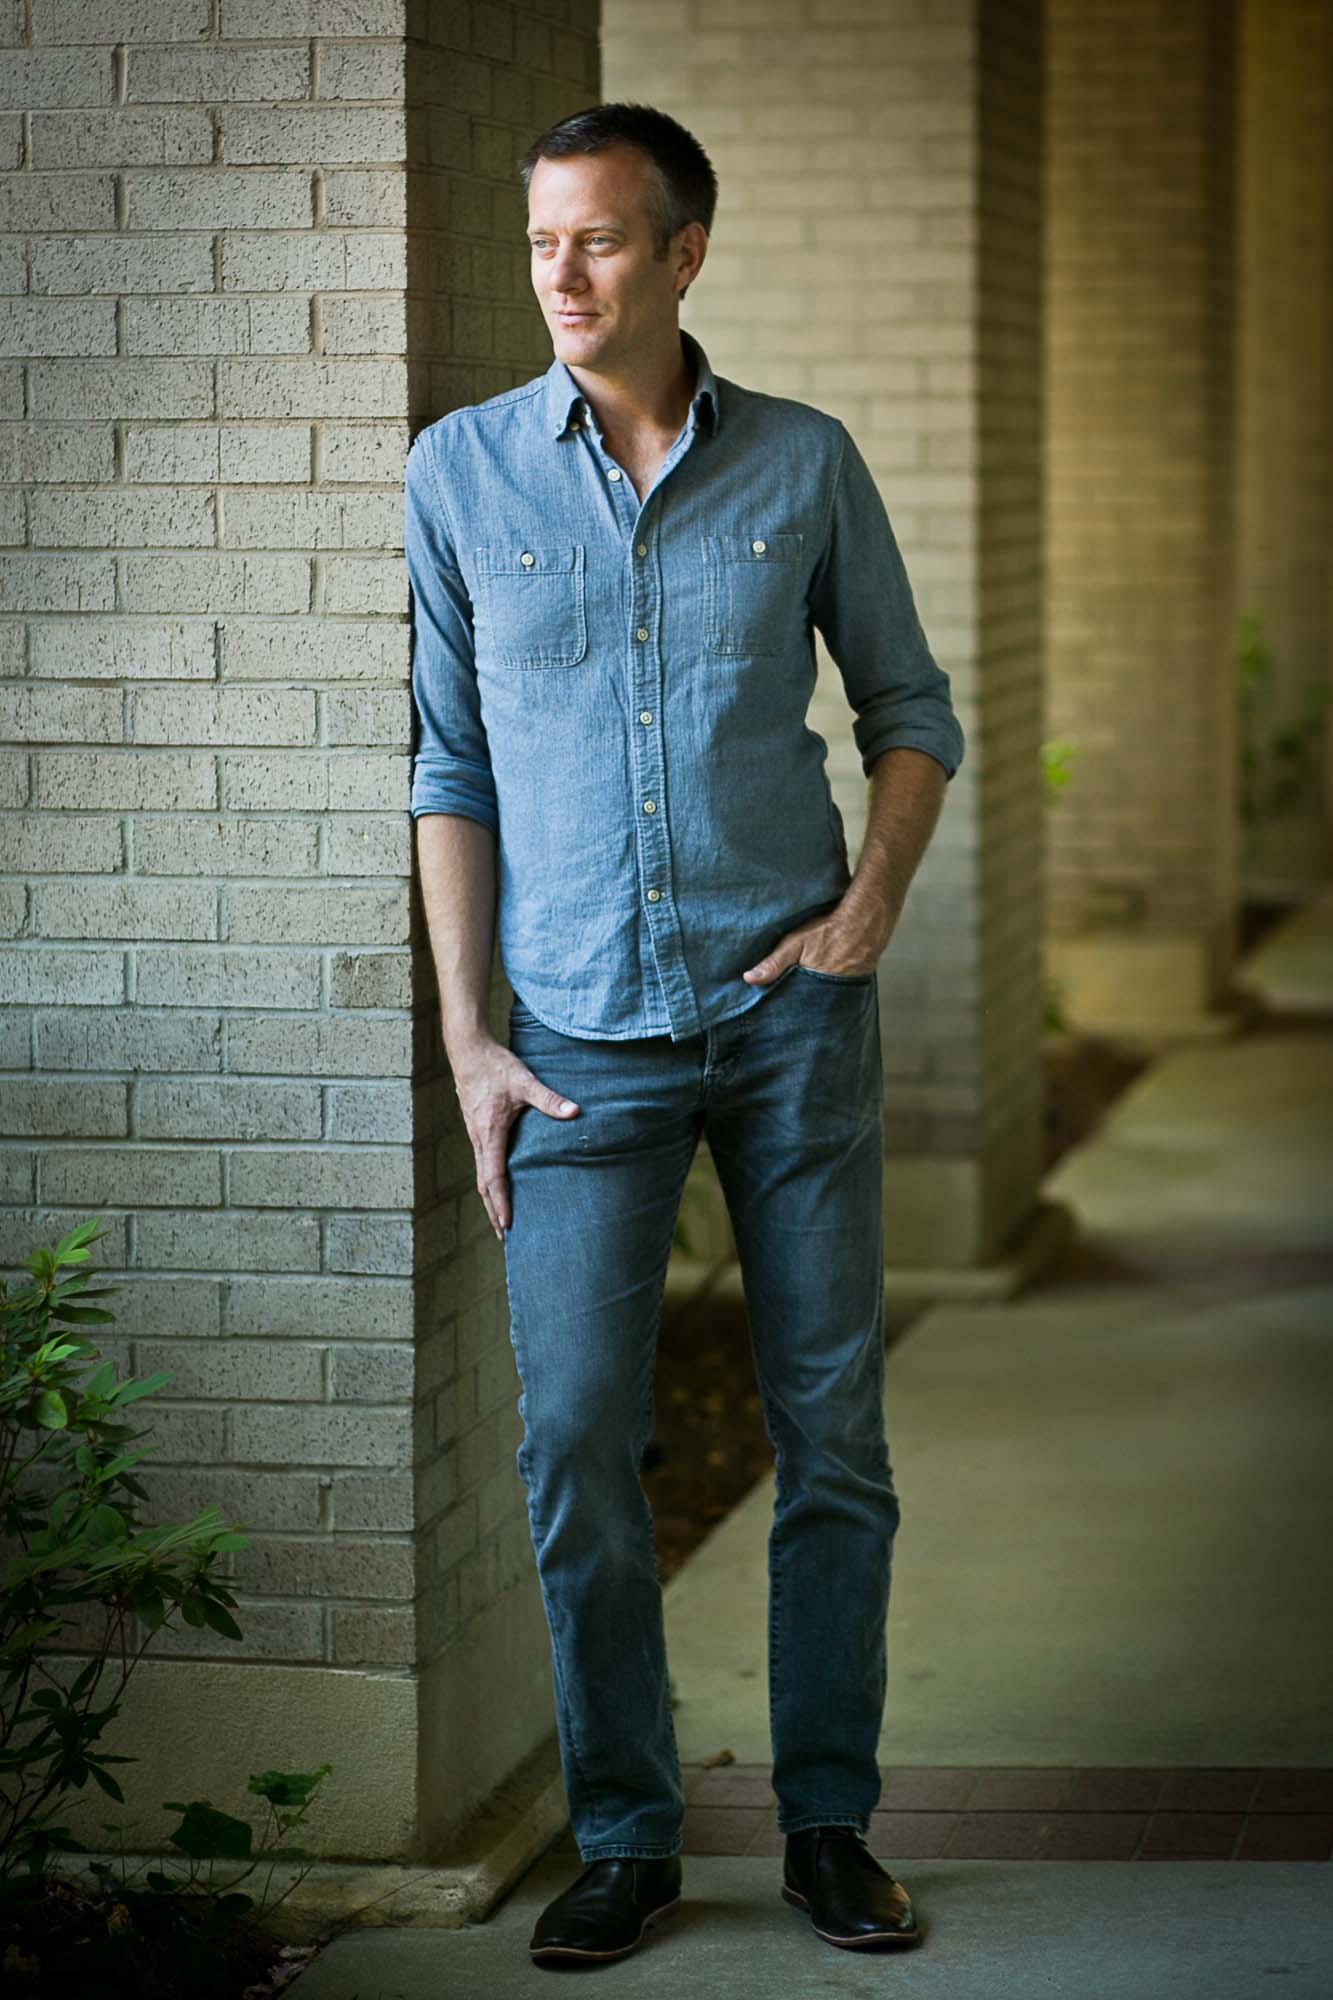 Jason Seagle Profile